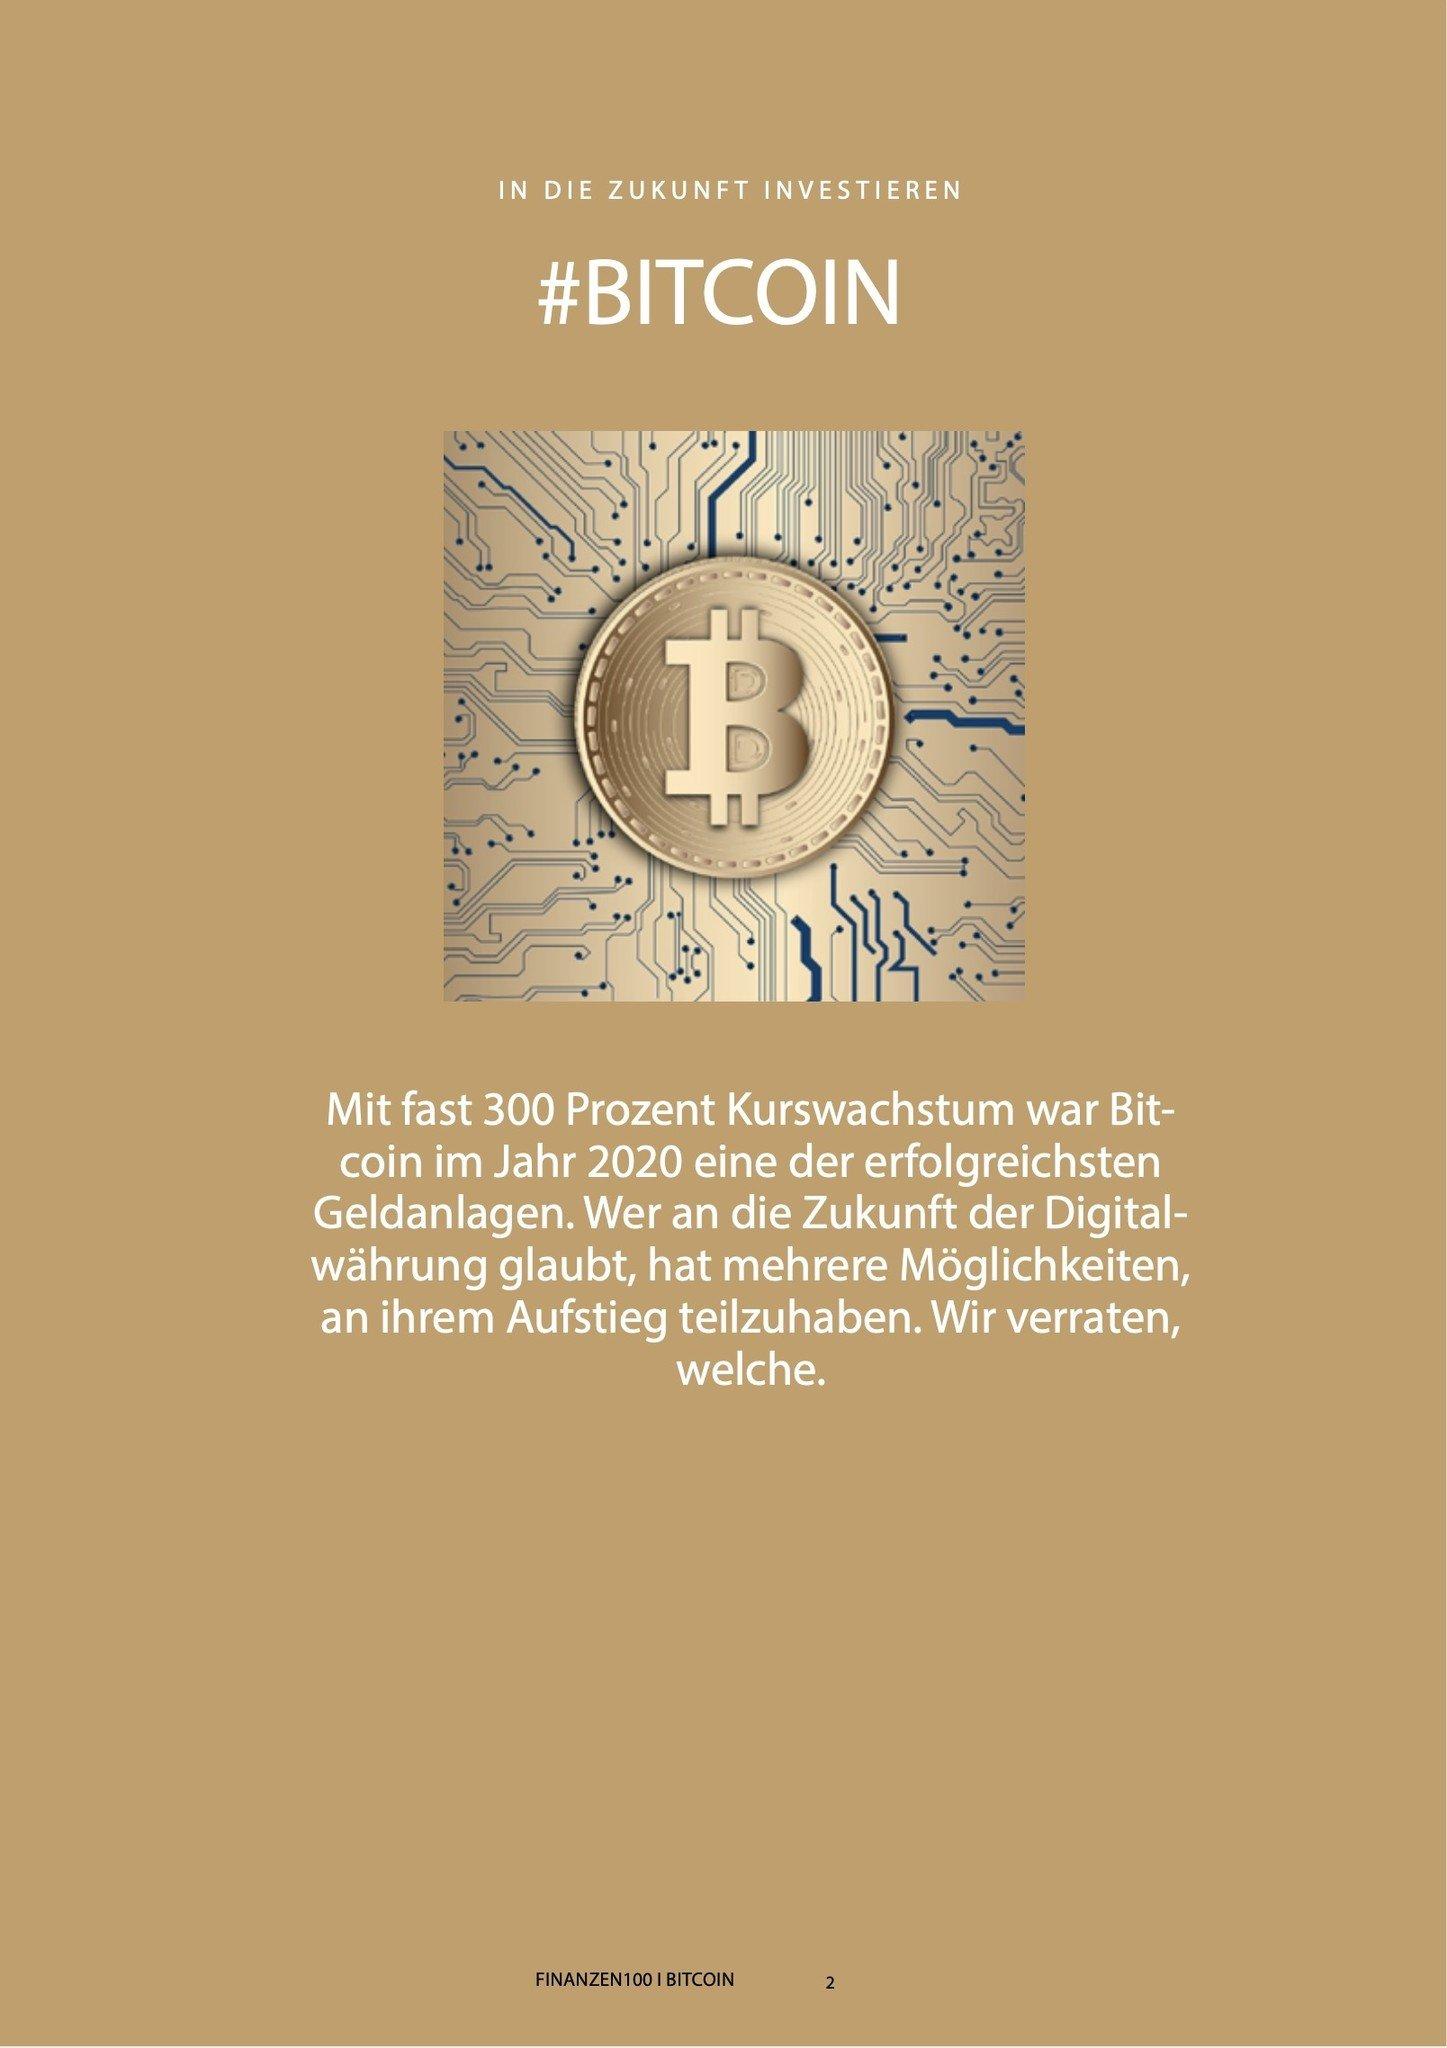 Finanzen100 Investieren in Bitcoin: So profitieren Sie von der Kryptowährung